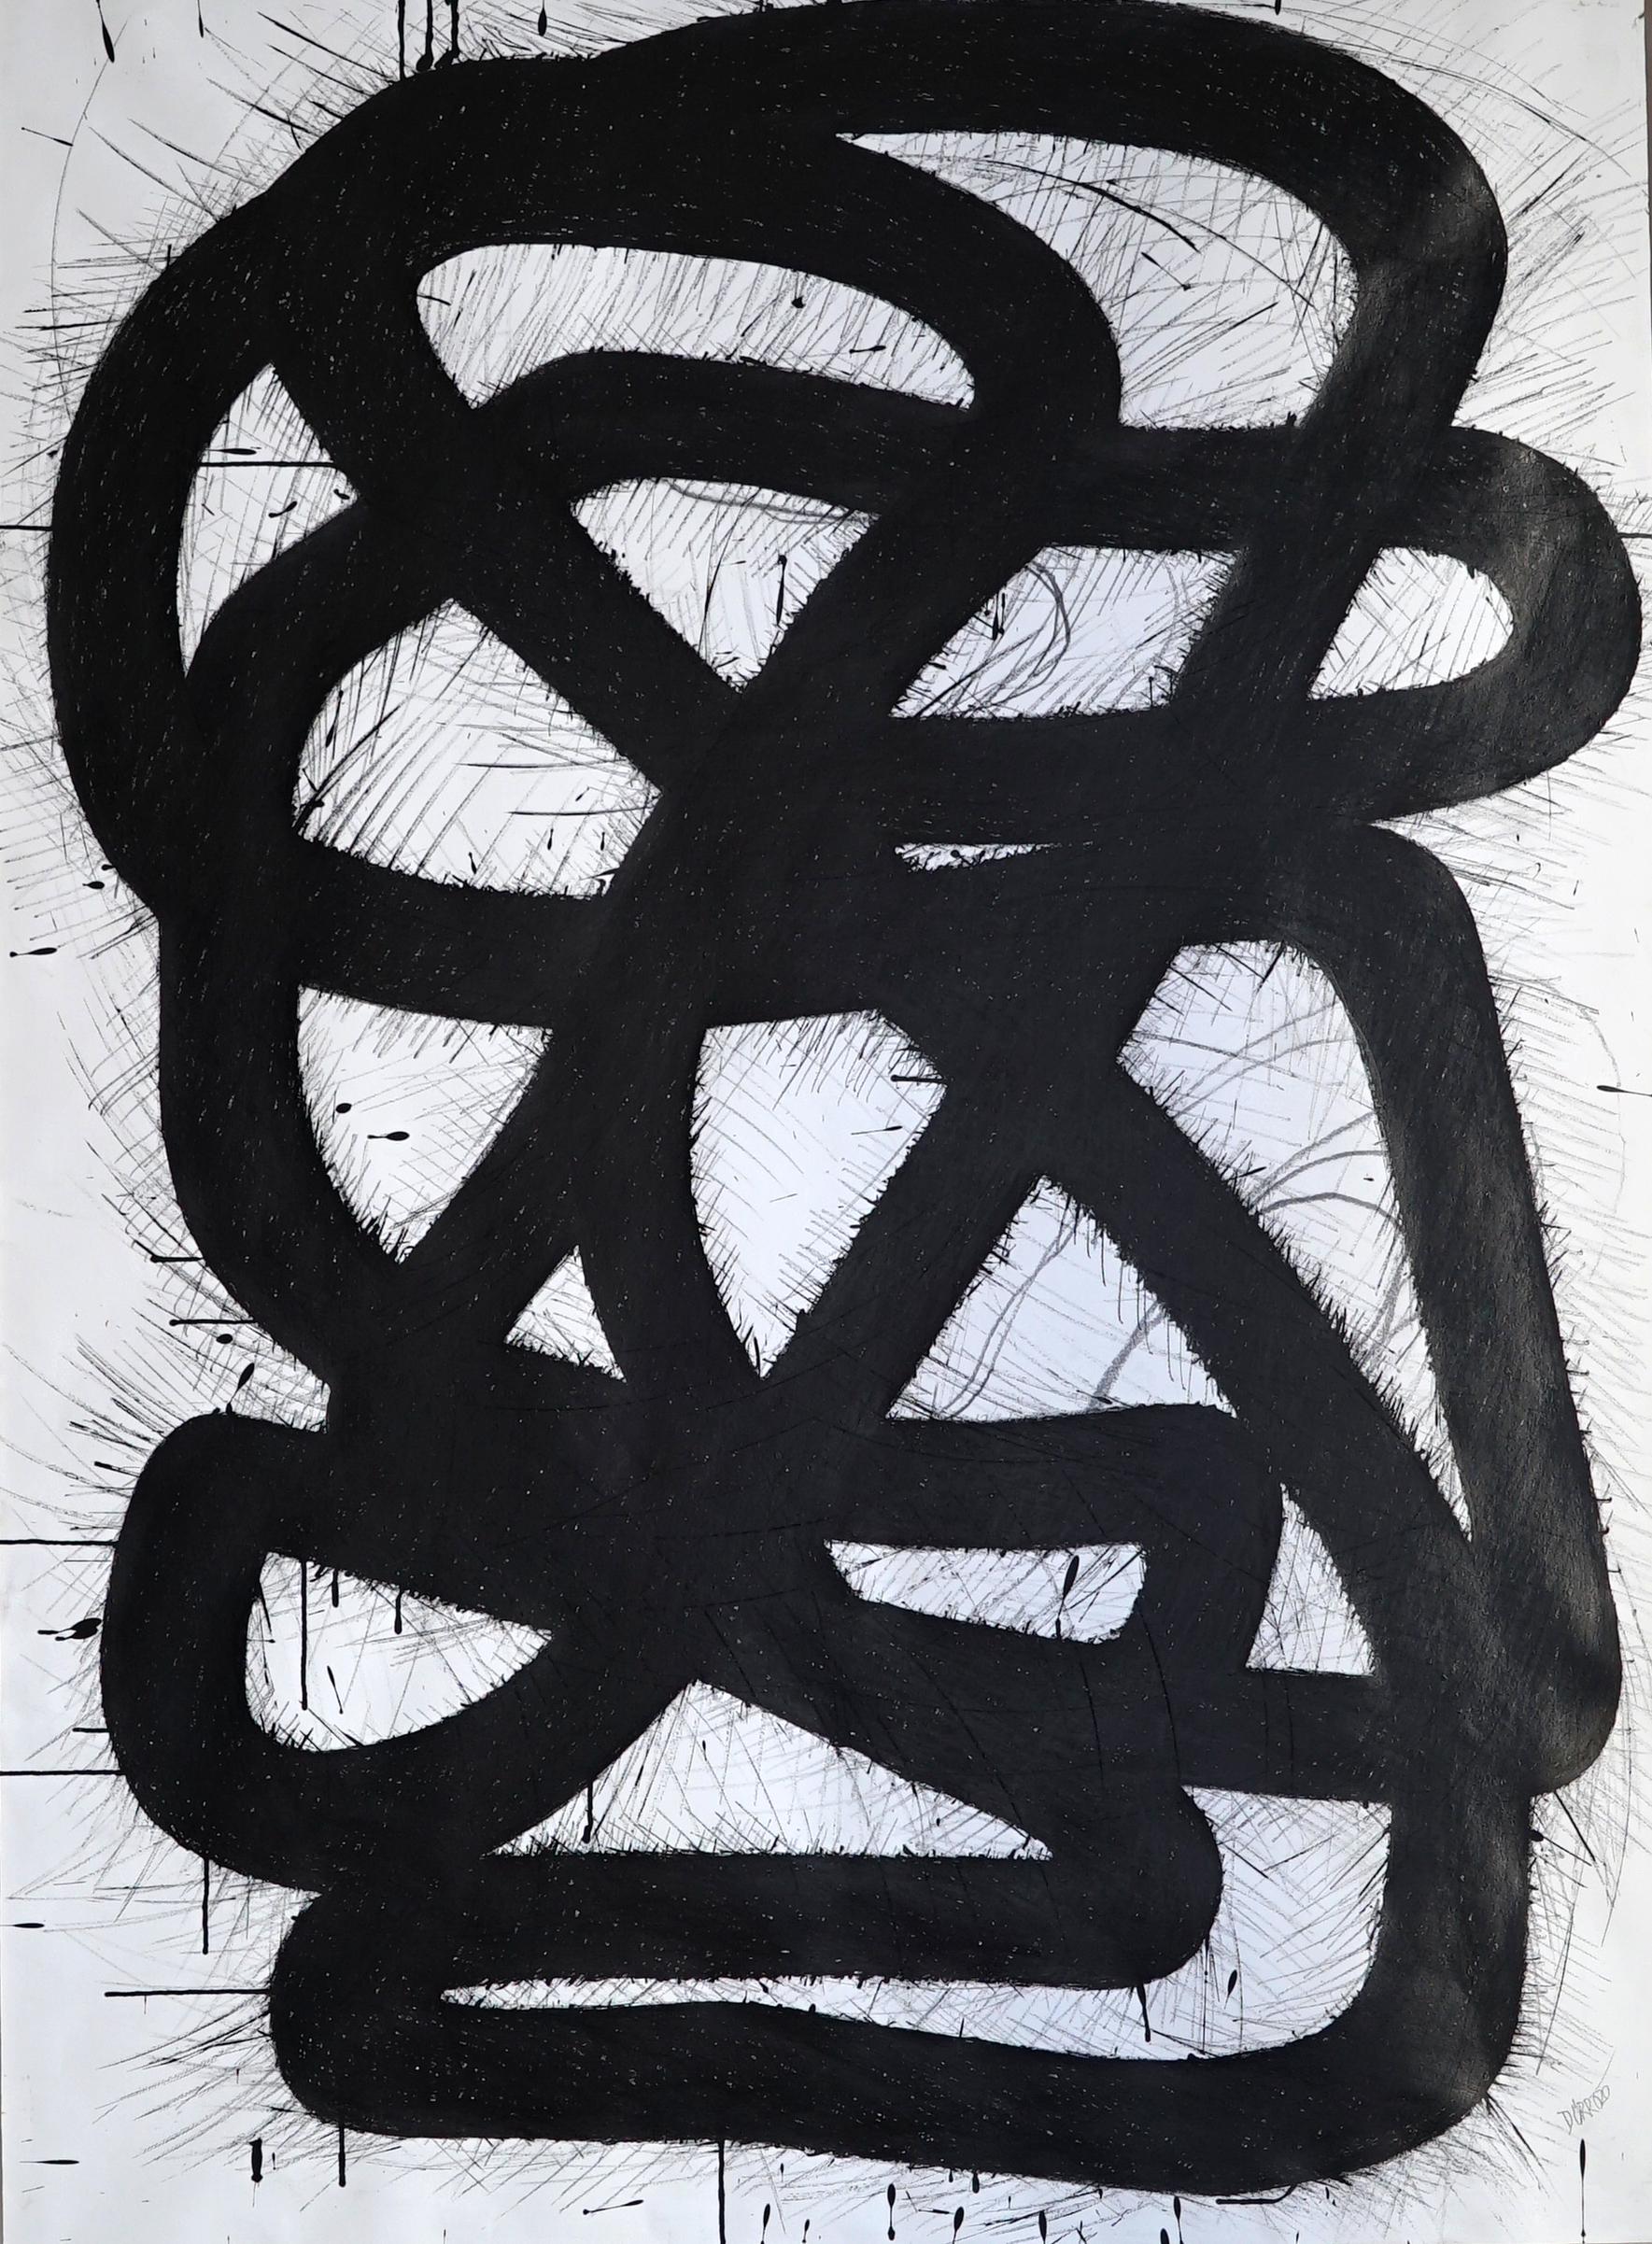 Überlappendes Band, Tusche auf Papier, 2020